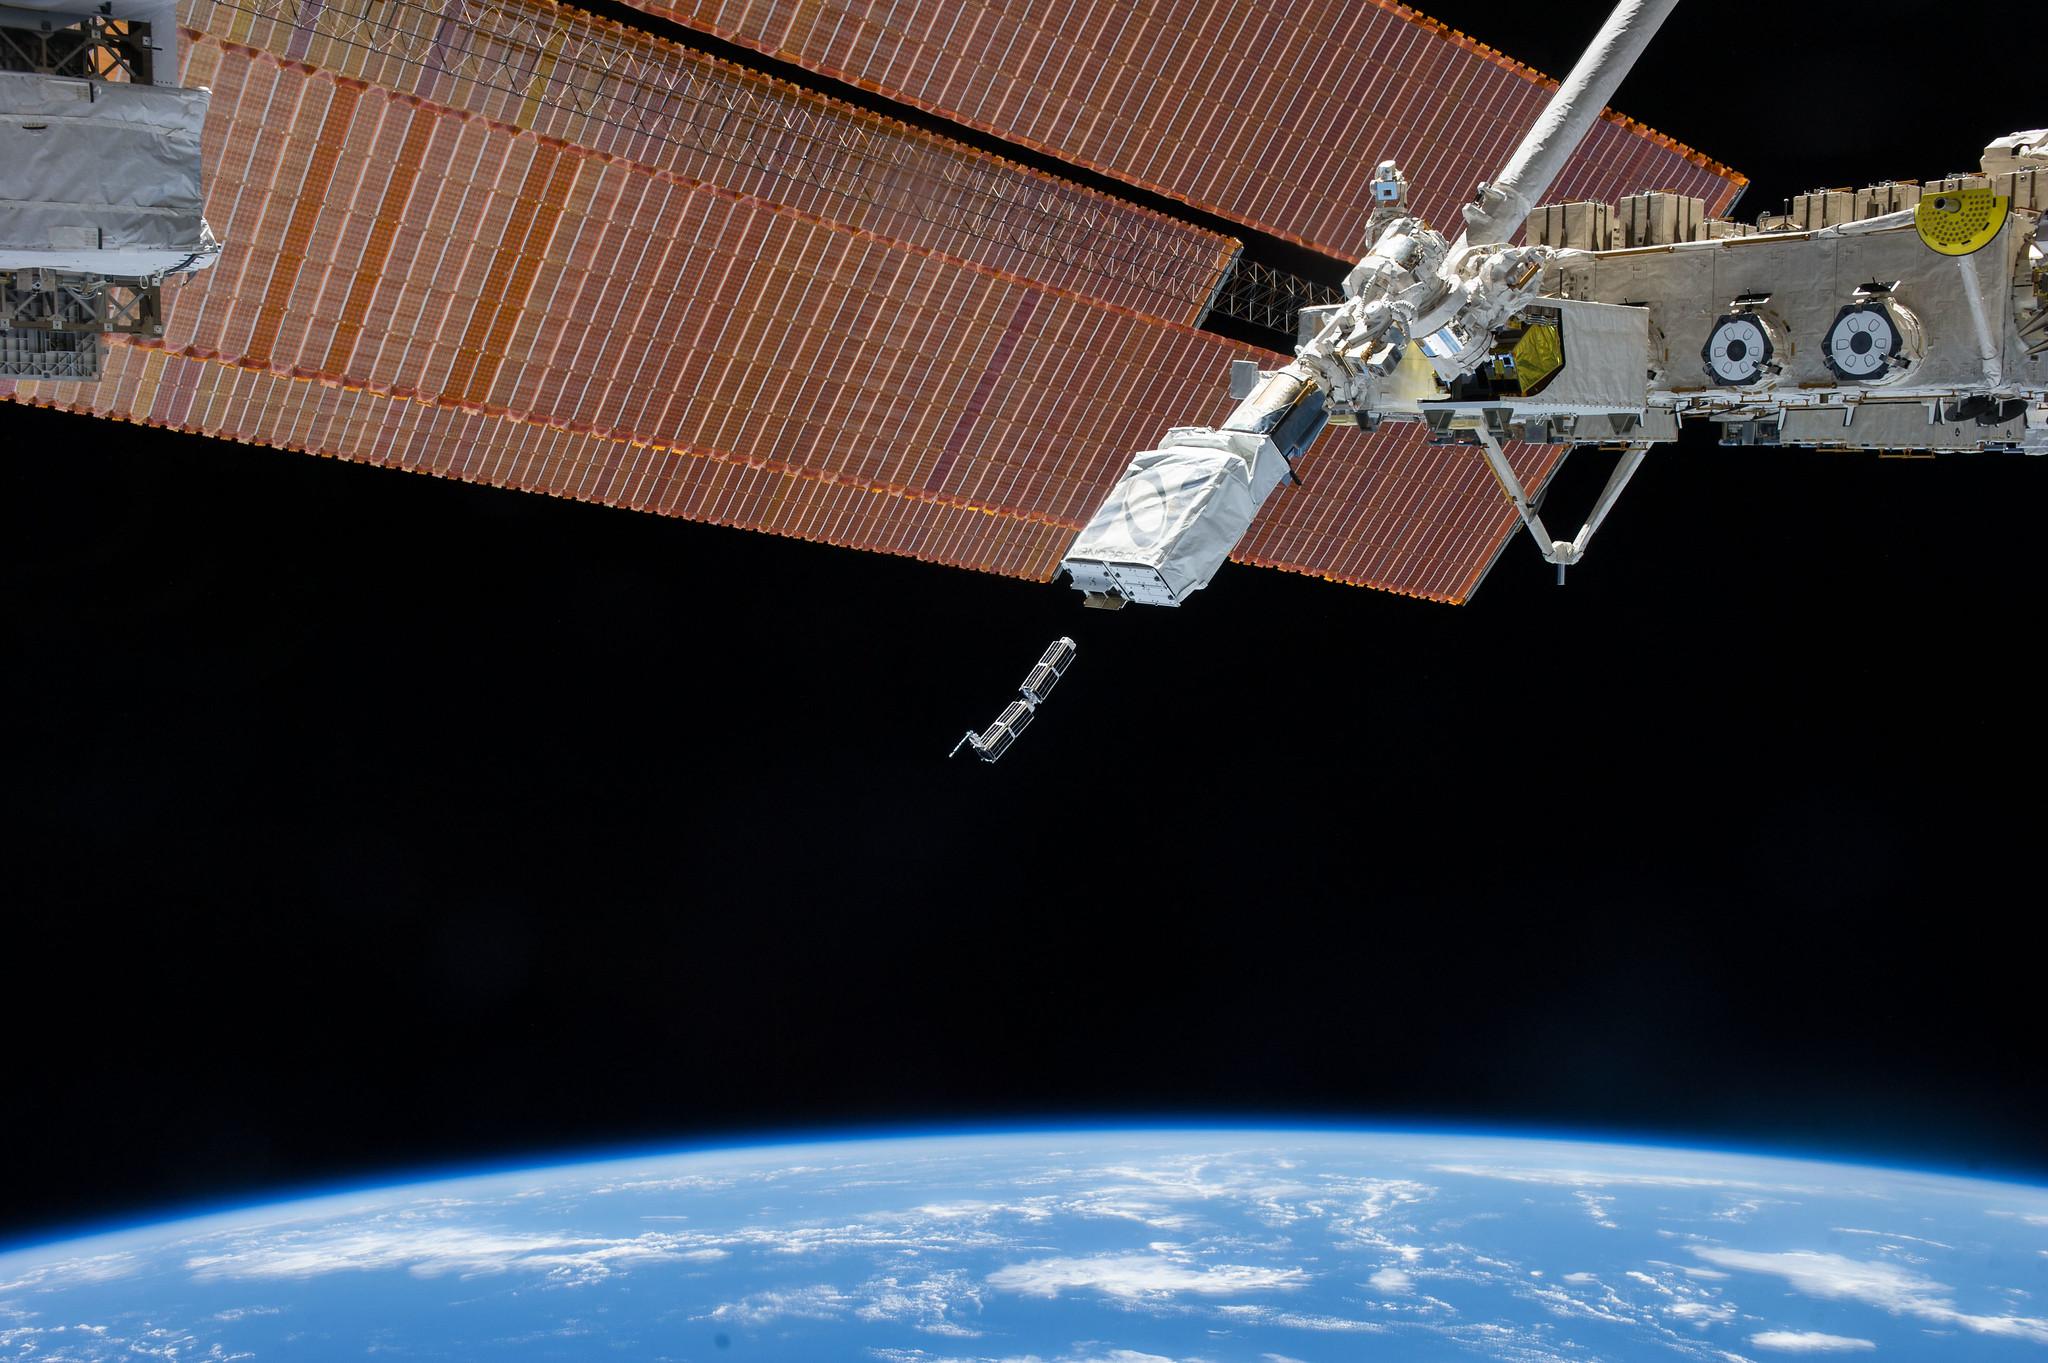 uzaydaki gozlerimiz uydu kameralari sarkac